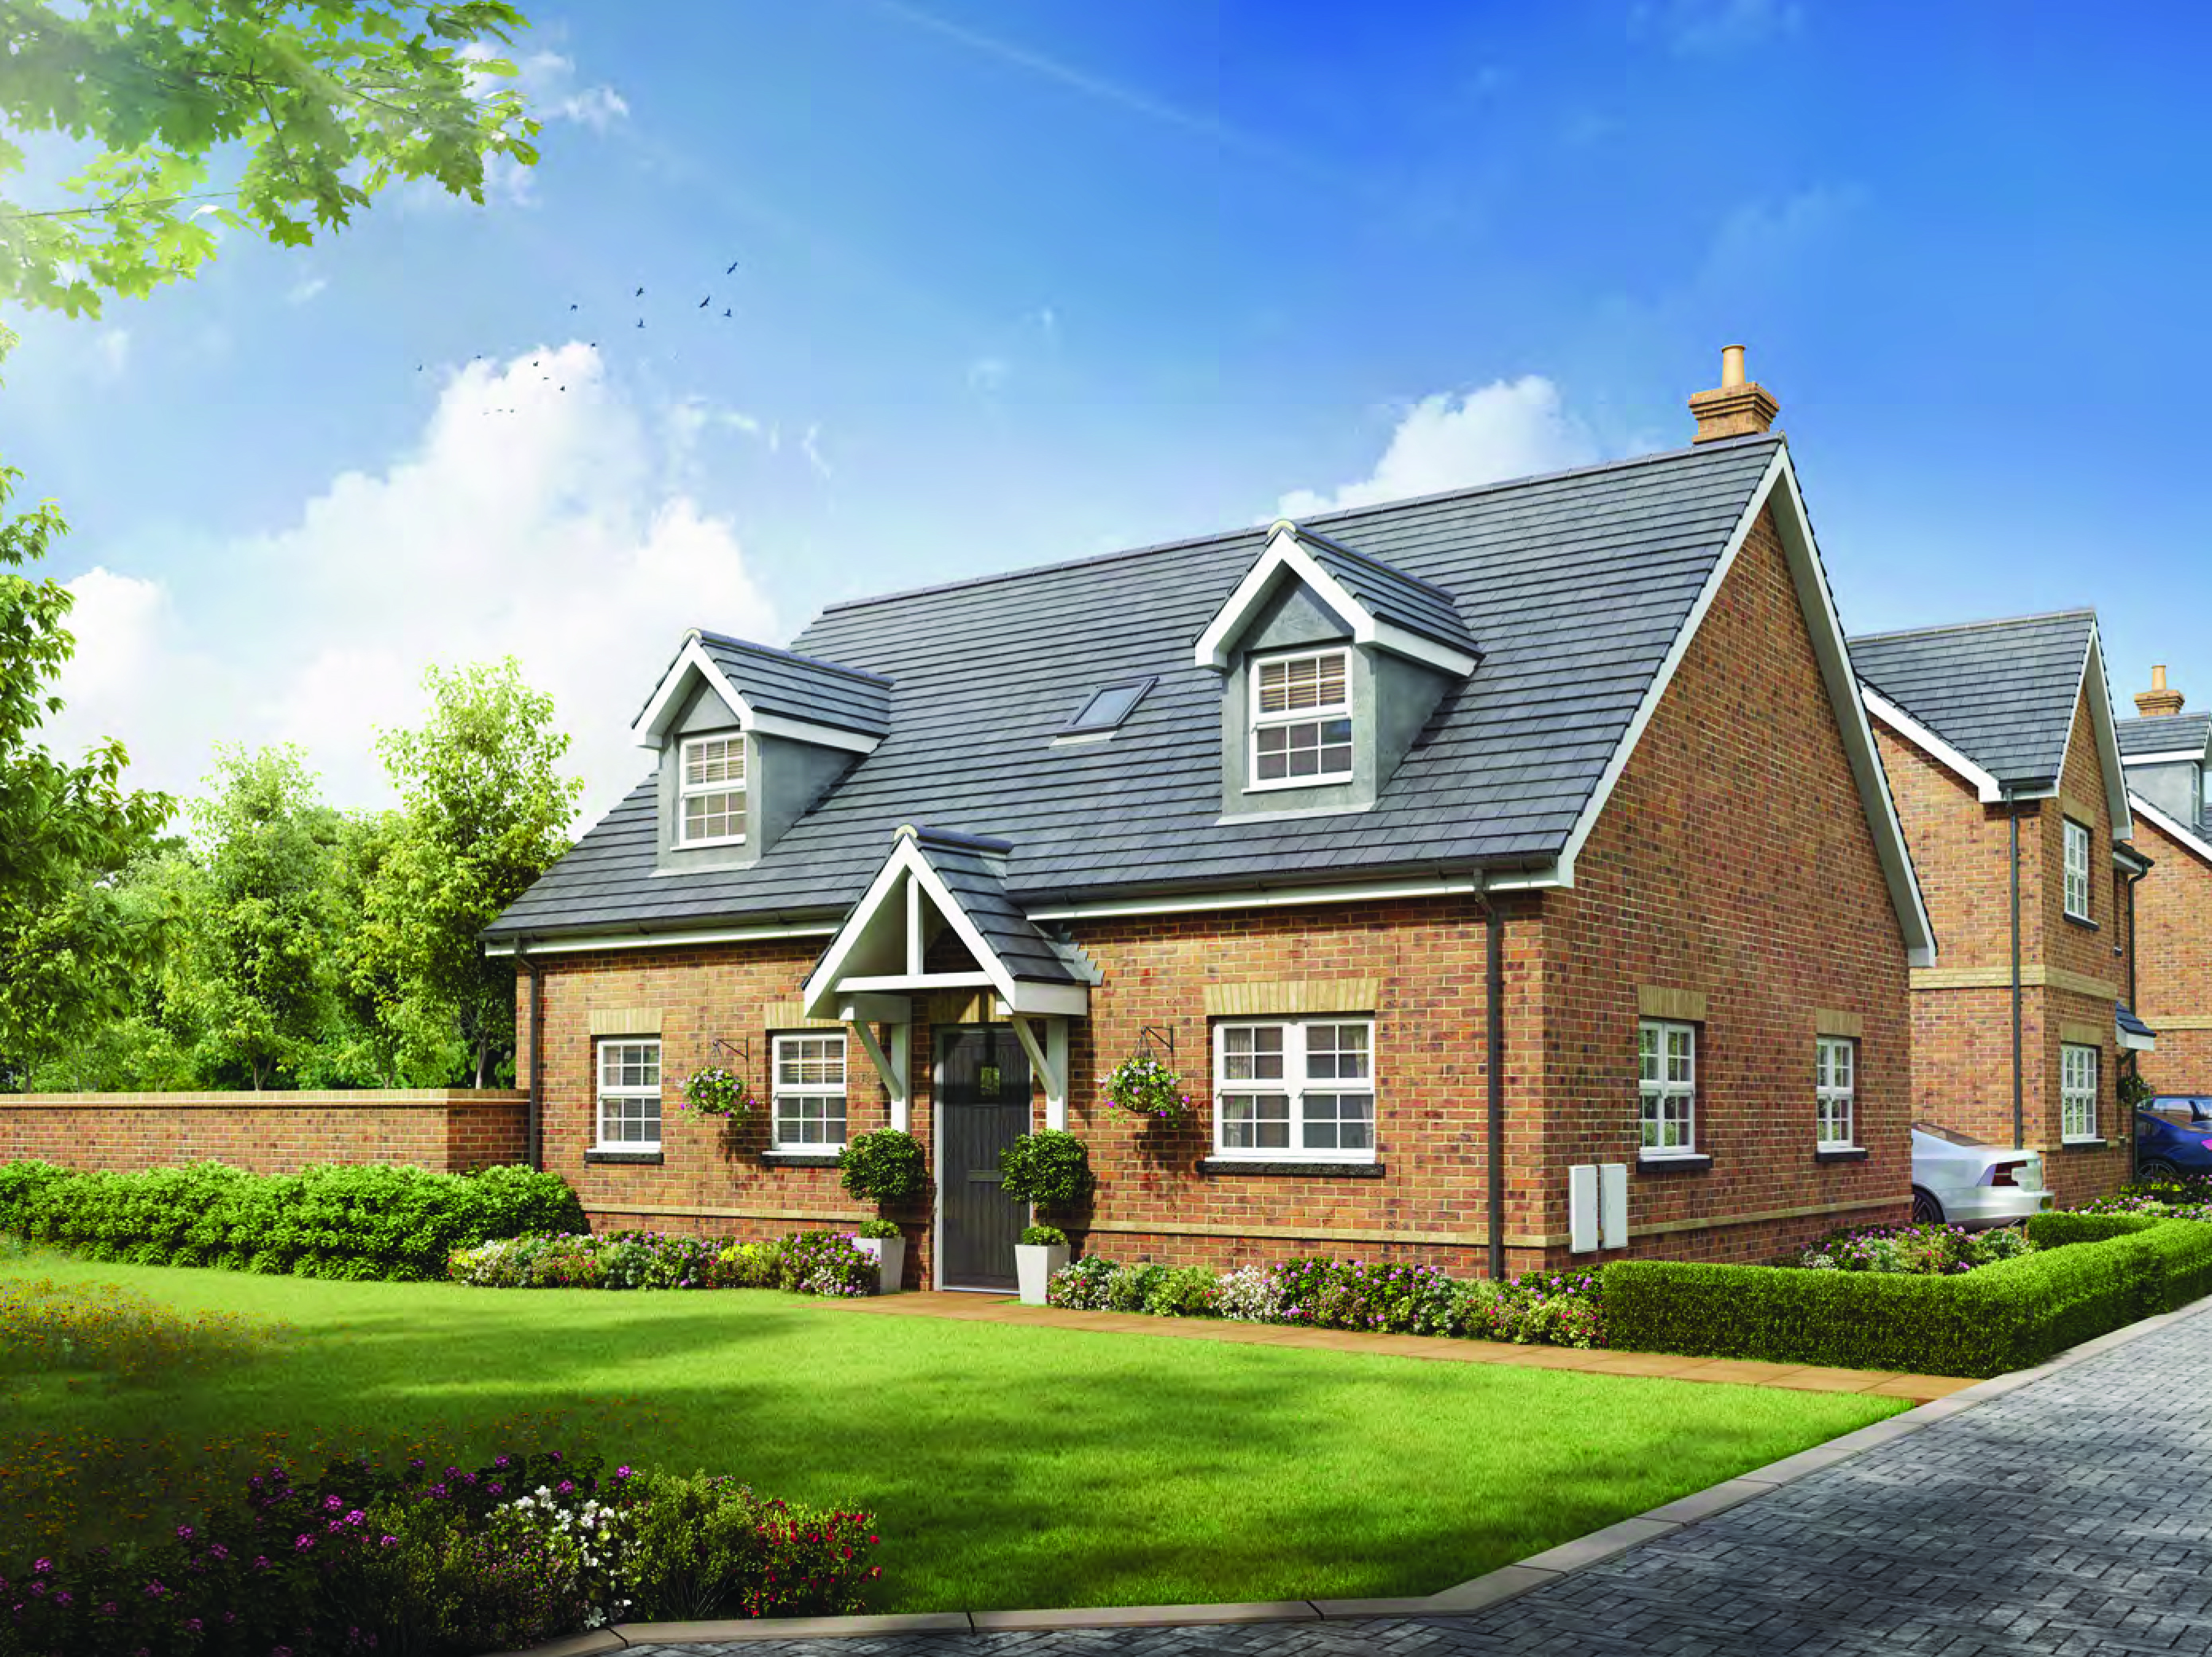 Newbury Lane, Bedfordshire Image